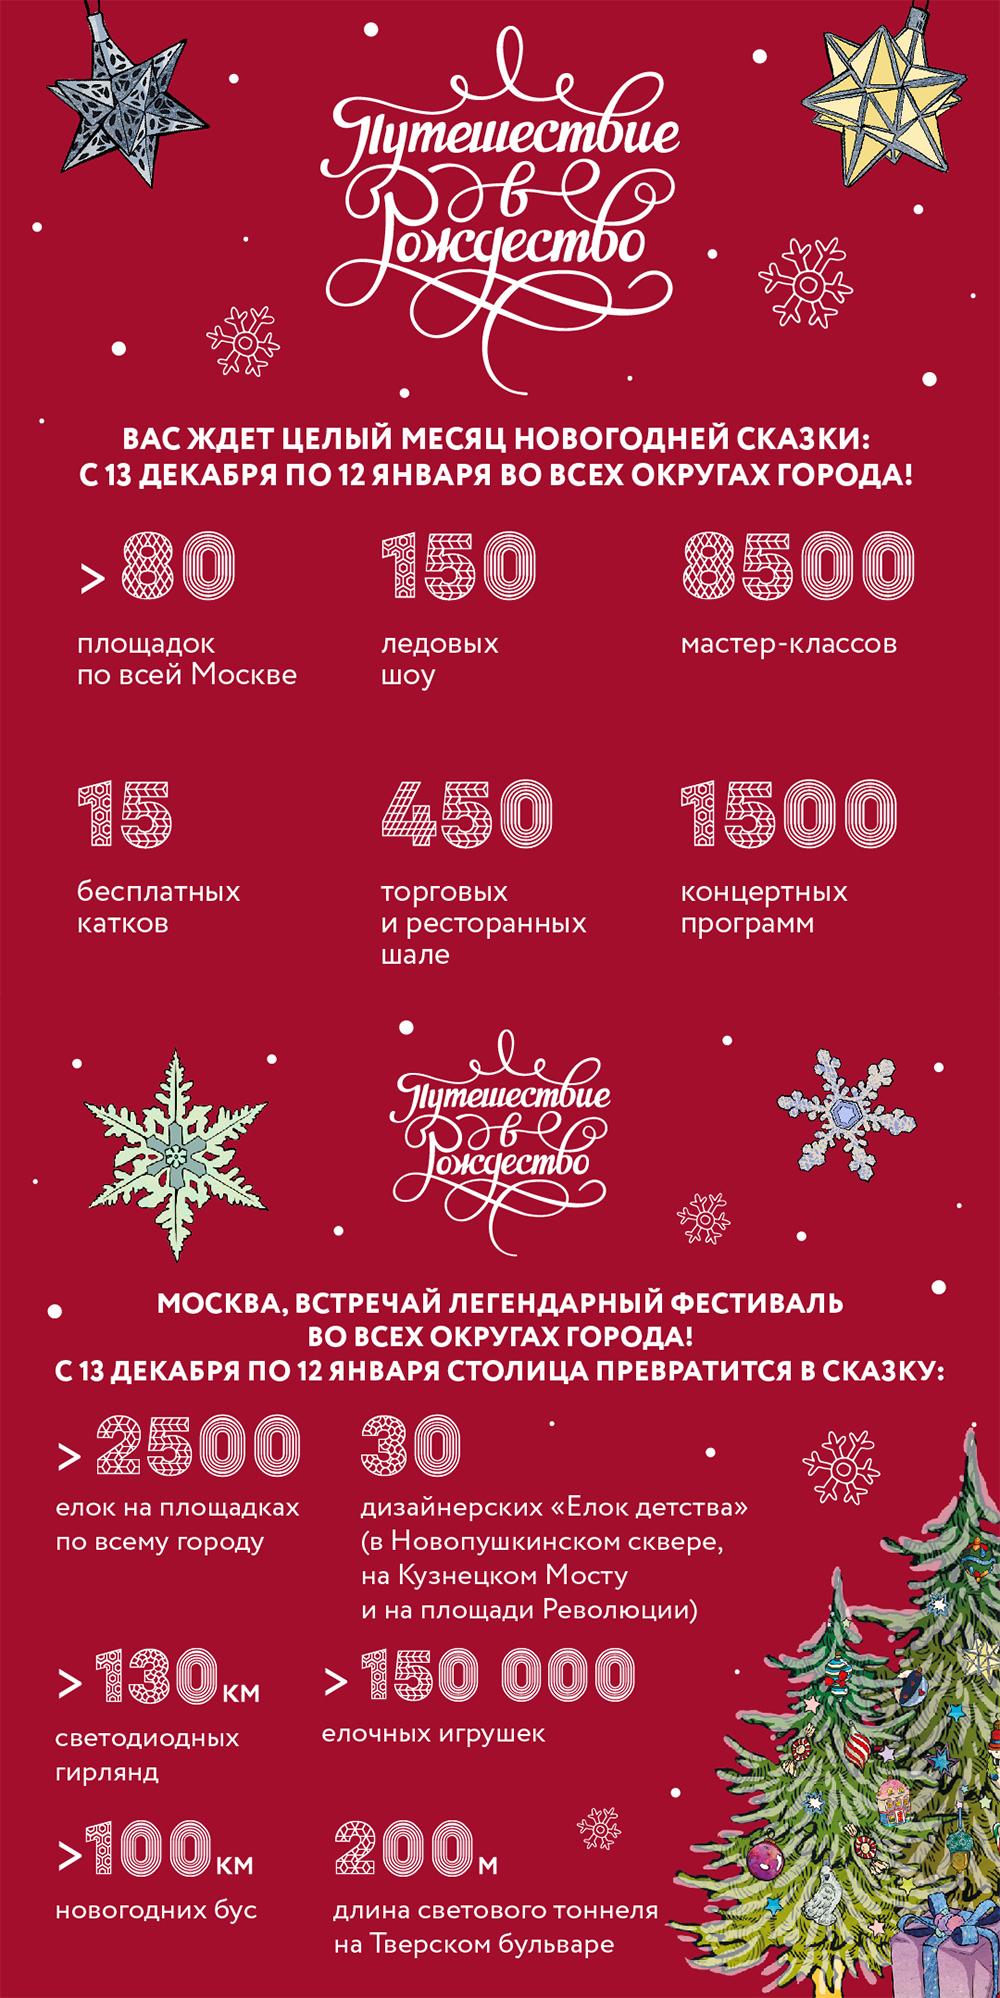 Путешествие в зимнюю сказку. События новогоднего фестиваля в Москве